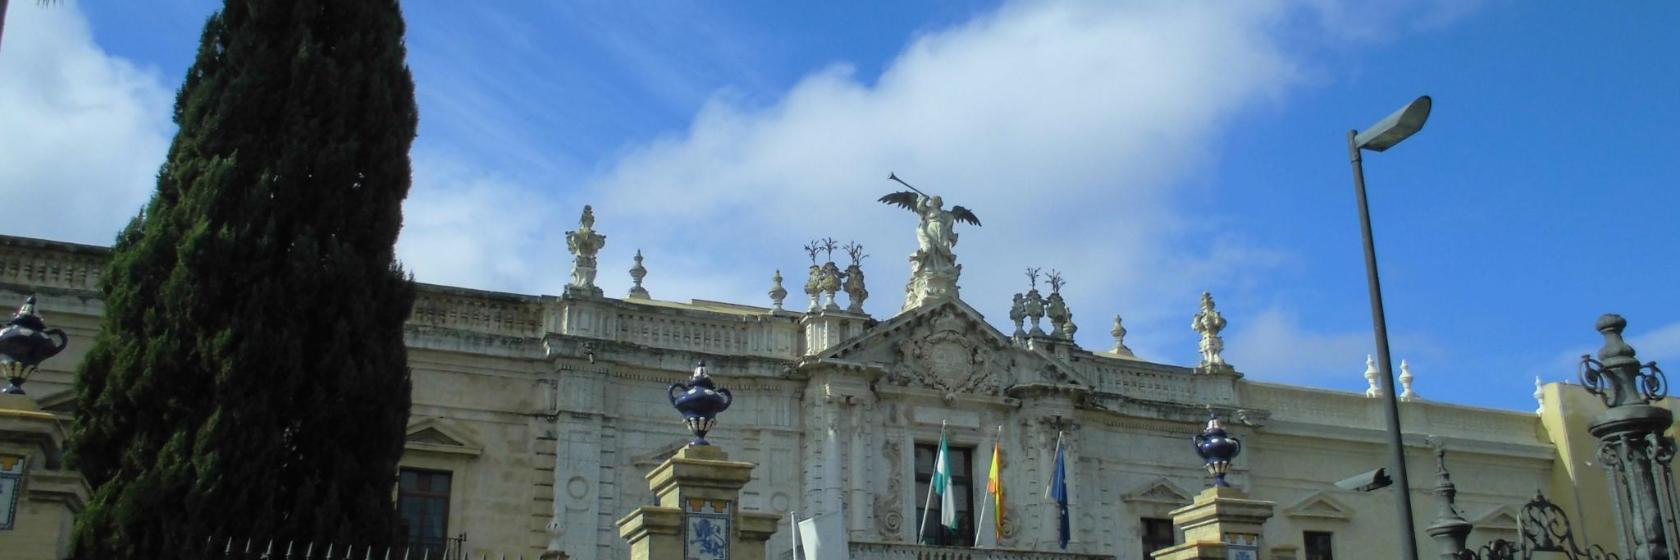 Los 10 mejores hoteles cerca de Universidad de Sevilla en ...